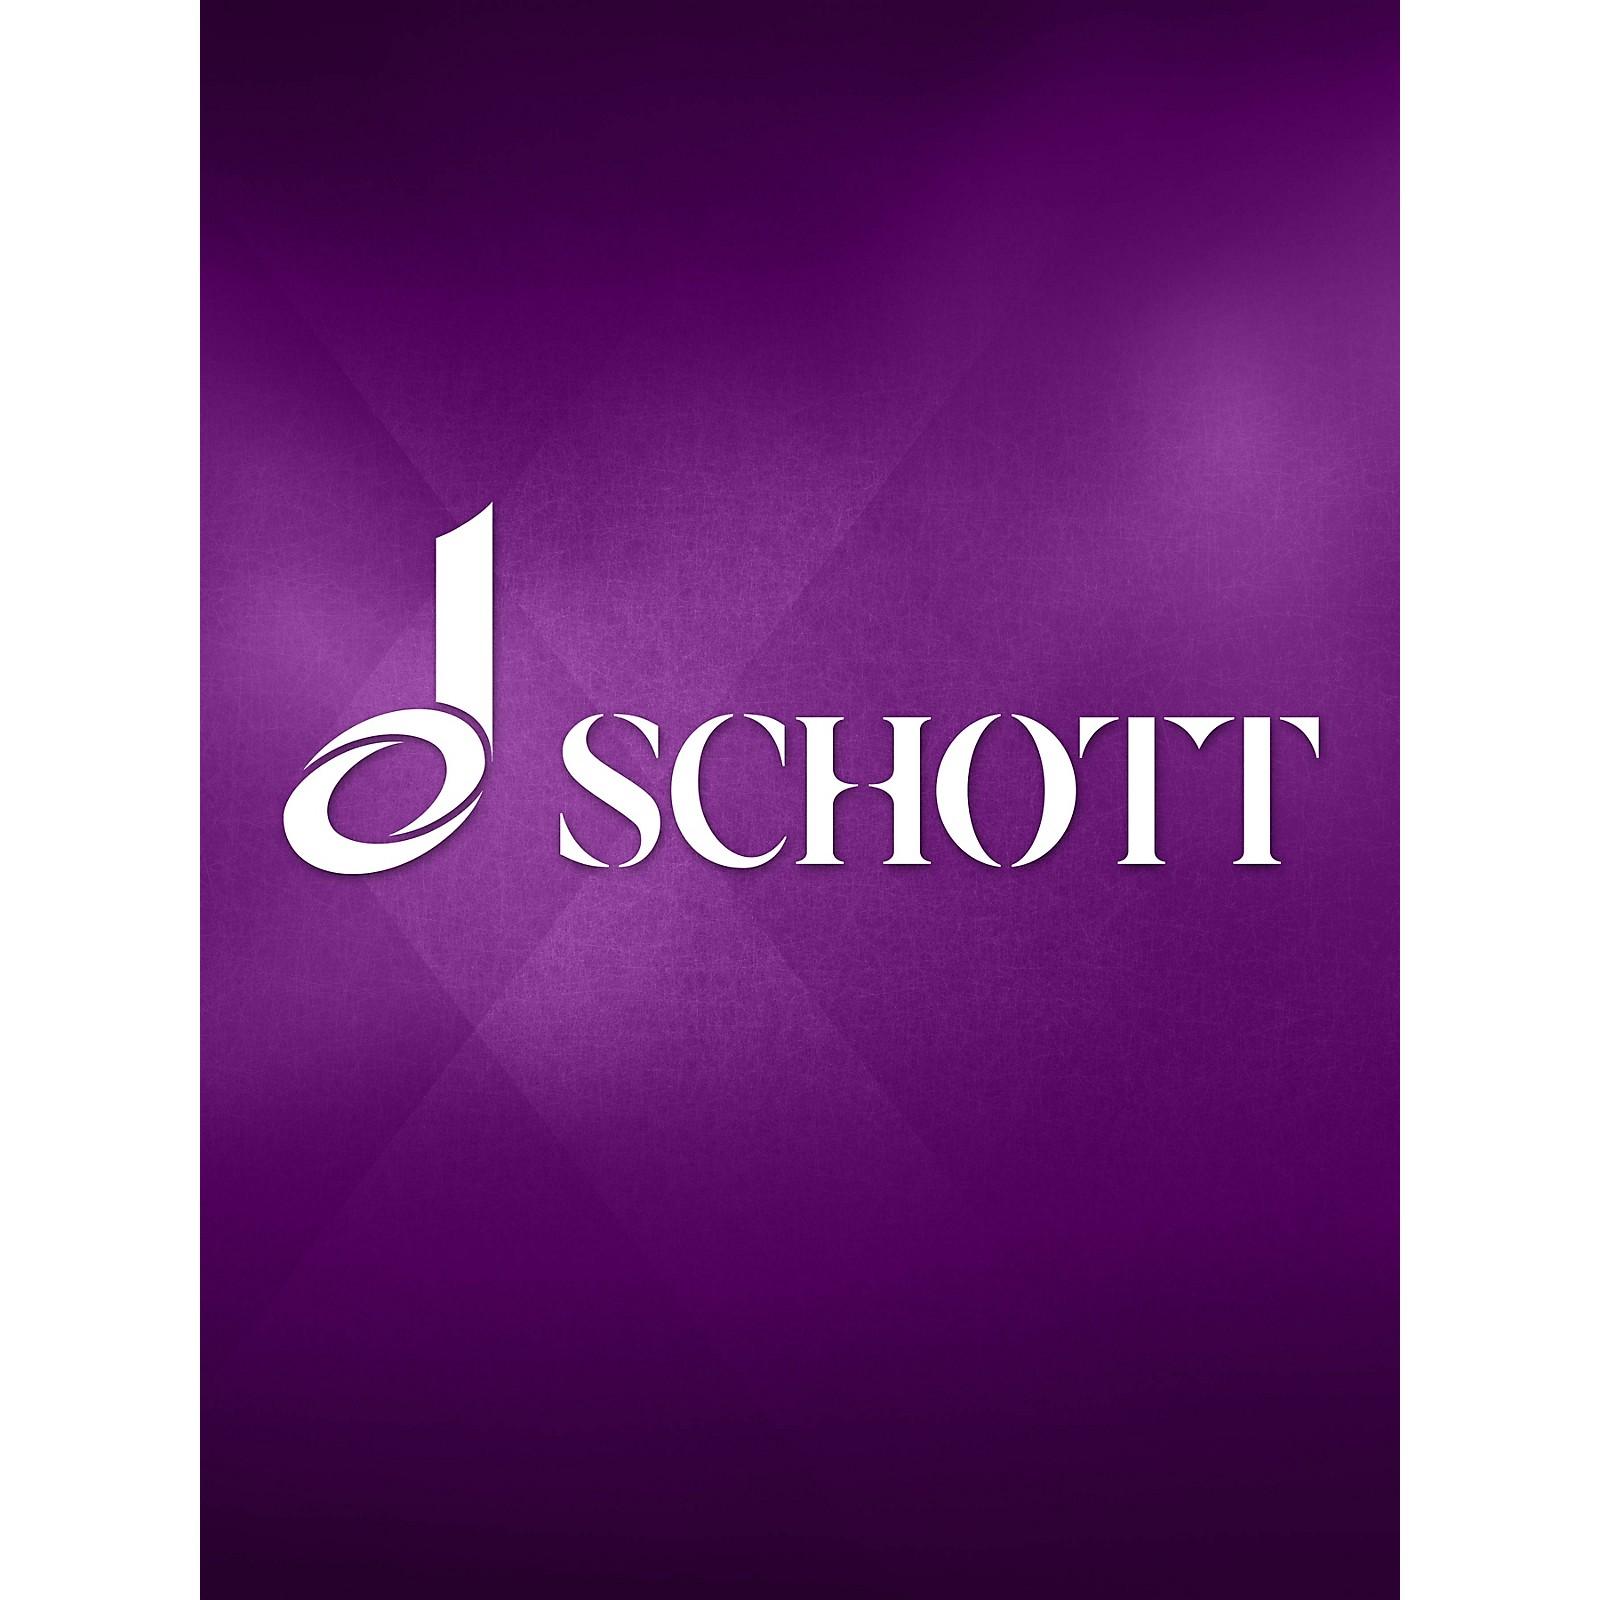 Schott Preludes, Arias, and Passacaglia Schott Series Composed by Heinz Holliger